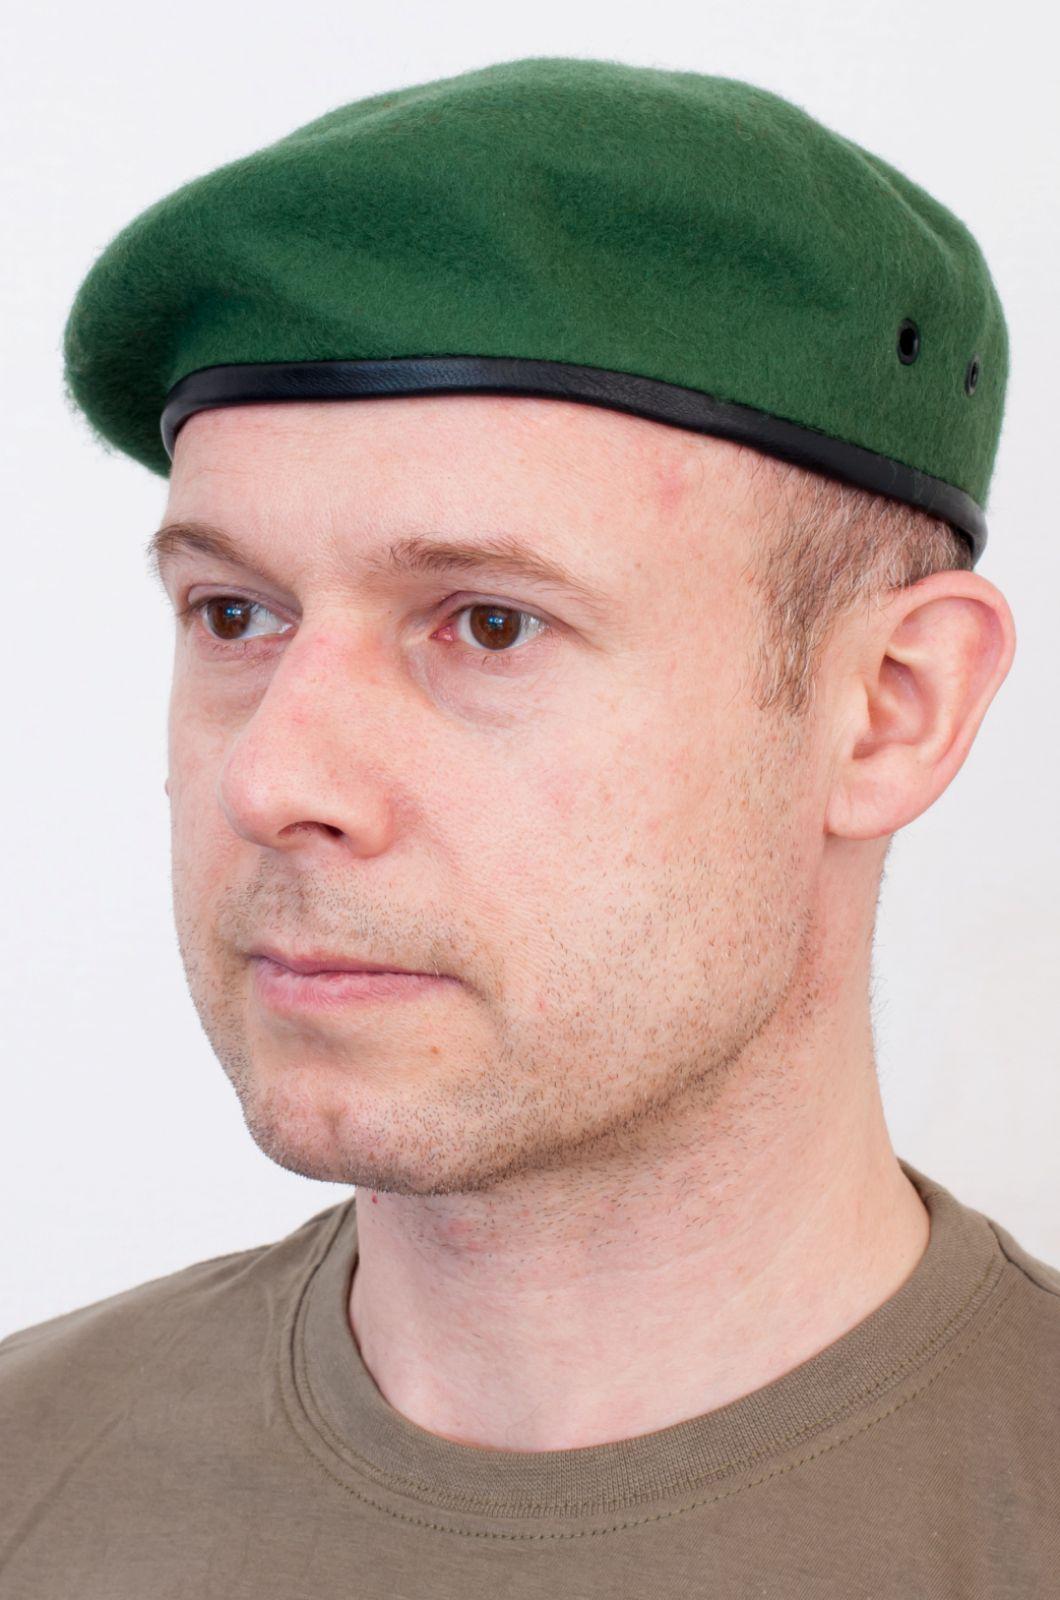 Береты и головные уборы для военных. Скидки и быстрая доставка